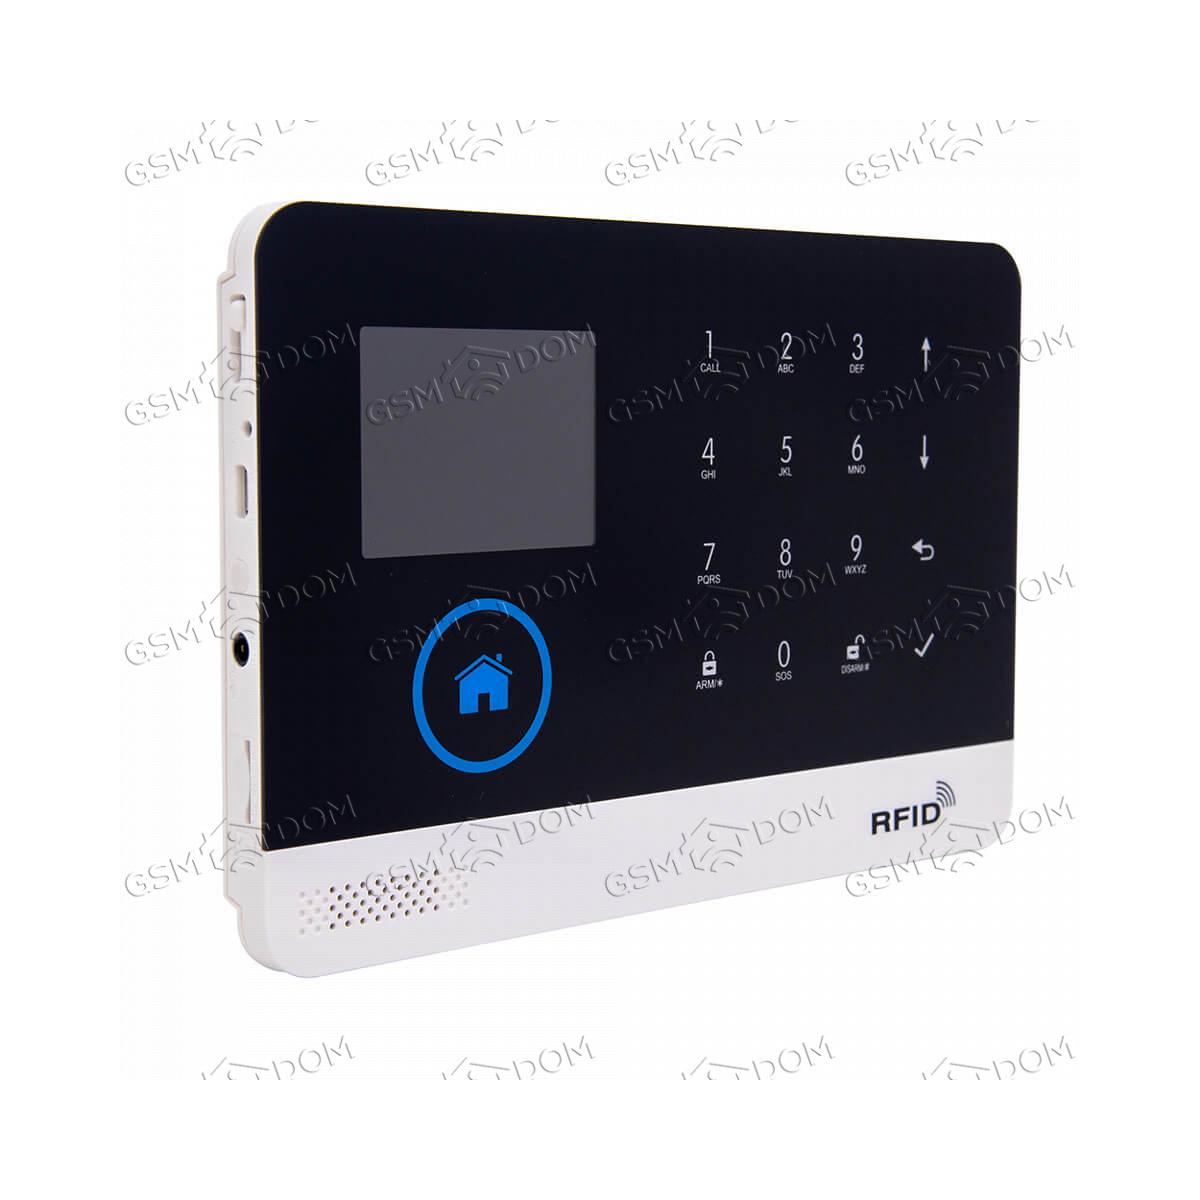 Беспроводная охранная (пожарная) WiFi GSM сигнализация Страж Про 4 - 2